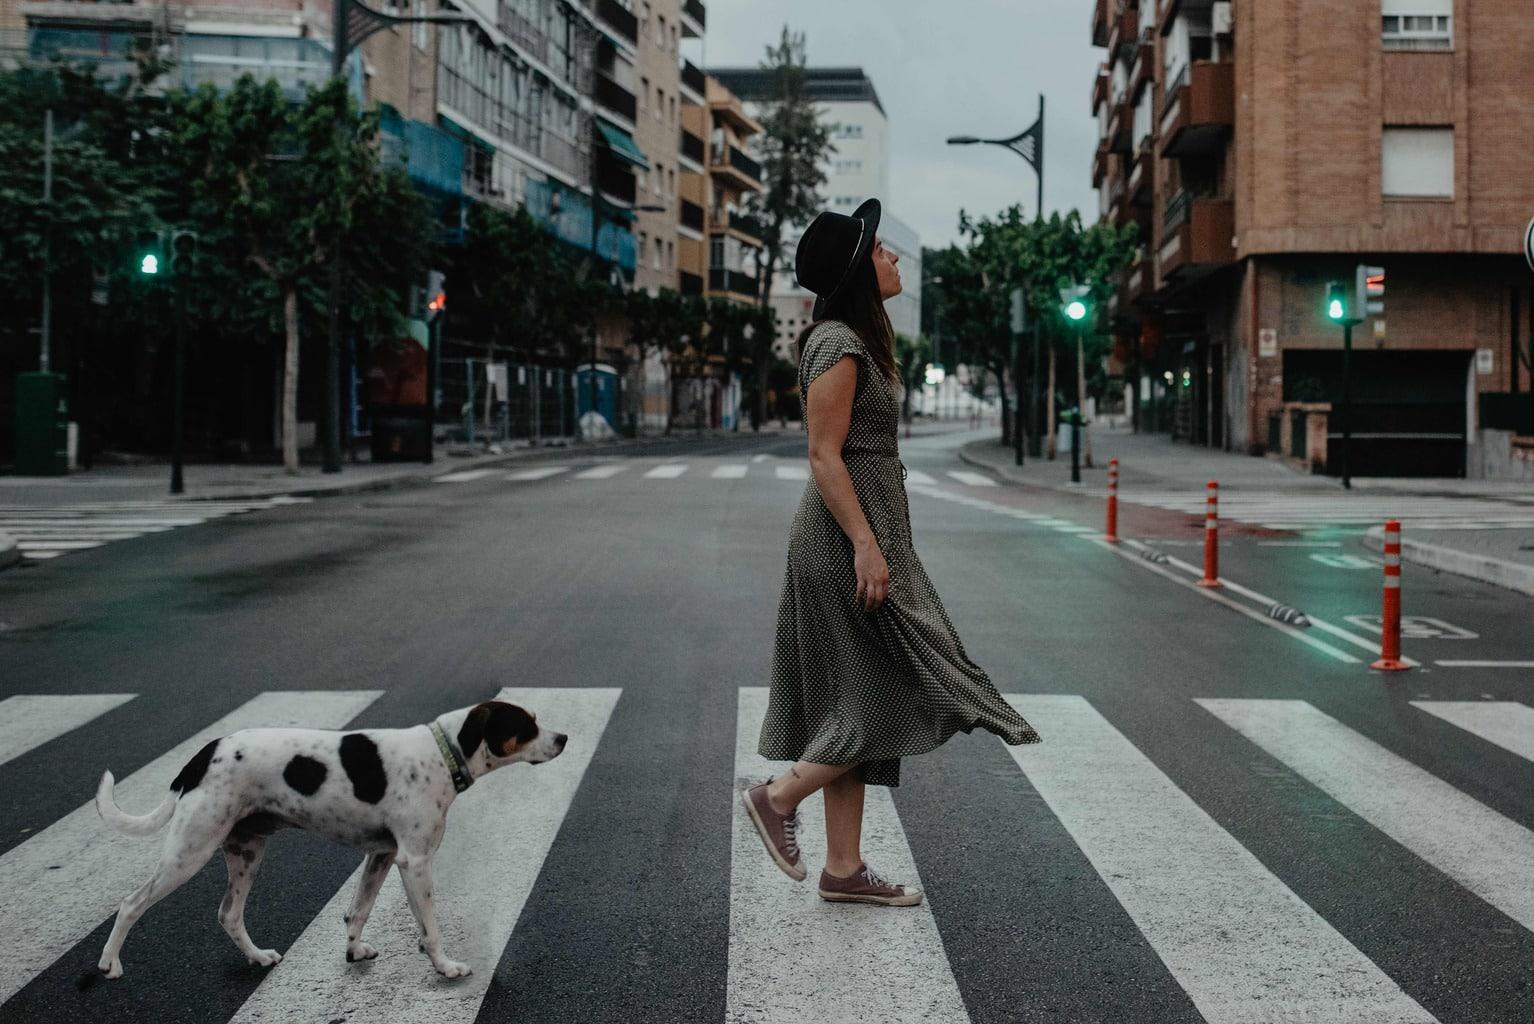 Chica y perro cruzando paso de peatones en autorretrato